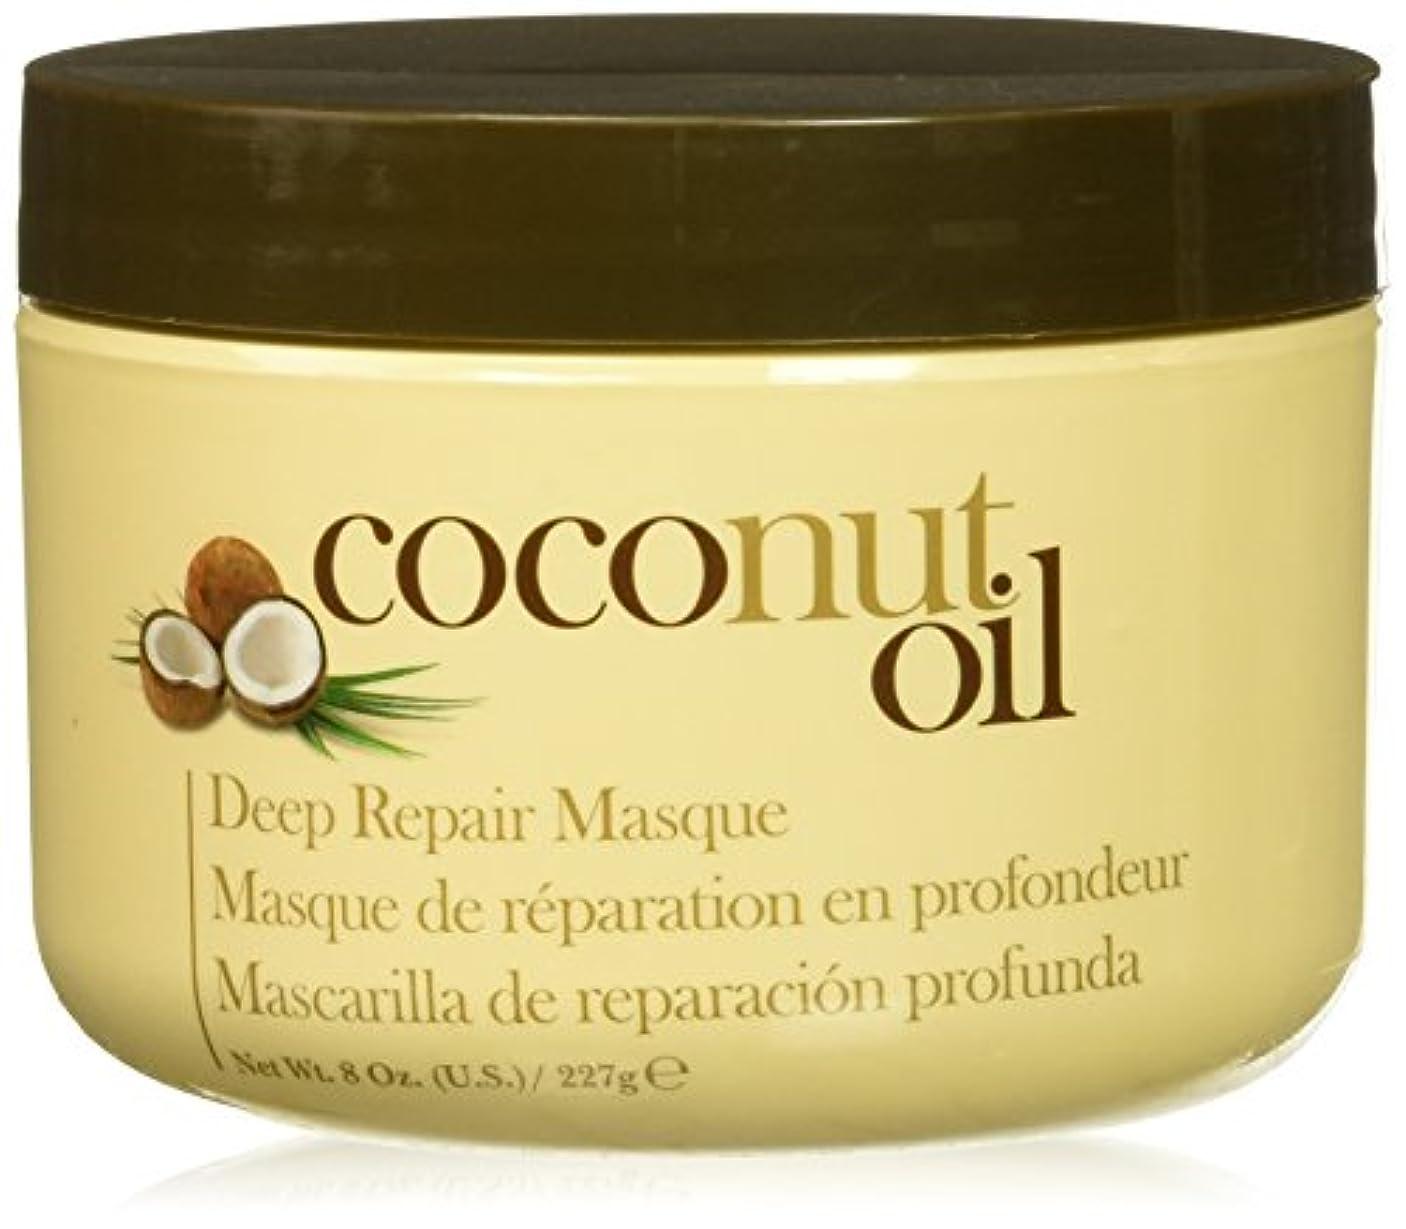 お気に入りエキゾチック請求書Hair Chemist ヘアマスク ココナッツ オイル ディープリペアマスク 227g Coconut Oil Deep Repair Mask 1474 New York